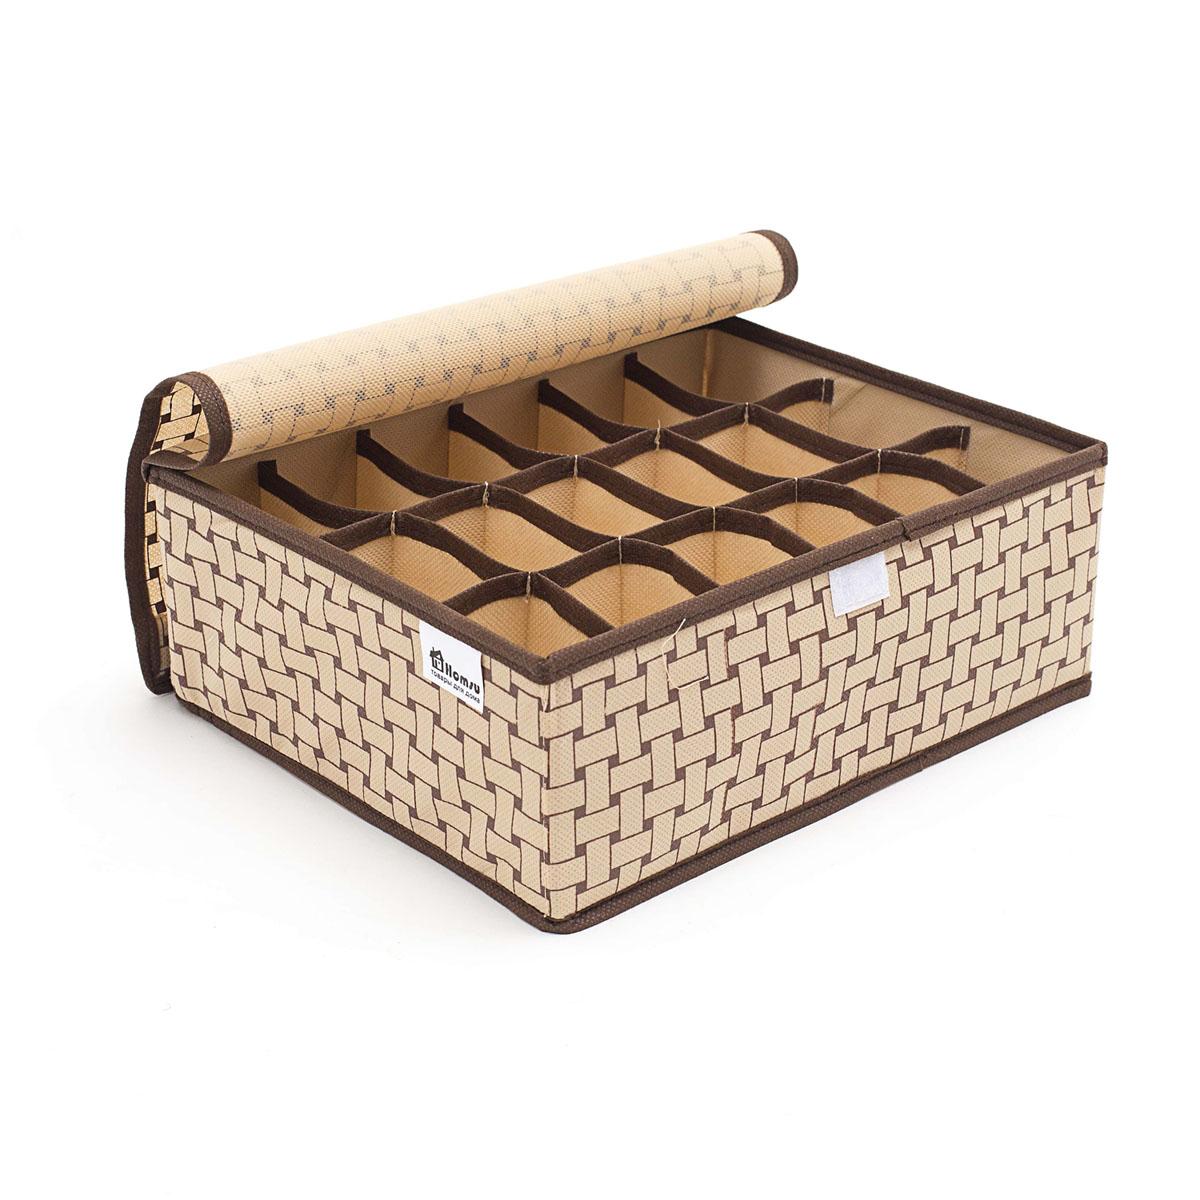 Органайзер для хранения вещей Homsu Pletenka, с крышкой, 18 секций, 31 х 24 х 11 смHOM-302Квадратный и плоский органайзер с 18 раздельными ячейками 7см на 5см с крышкой очень удобен для хранения мелких вещей в вашем ящике или на полке. Идеально для носков, платков, галстуков и других вещей ежедневного пользования. Имеет жесткие борта, что является гарантией сохраности вещей. Фактический цвет может отличаться от заявленного.